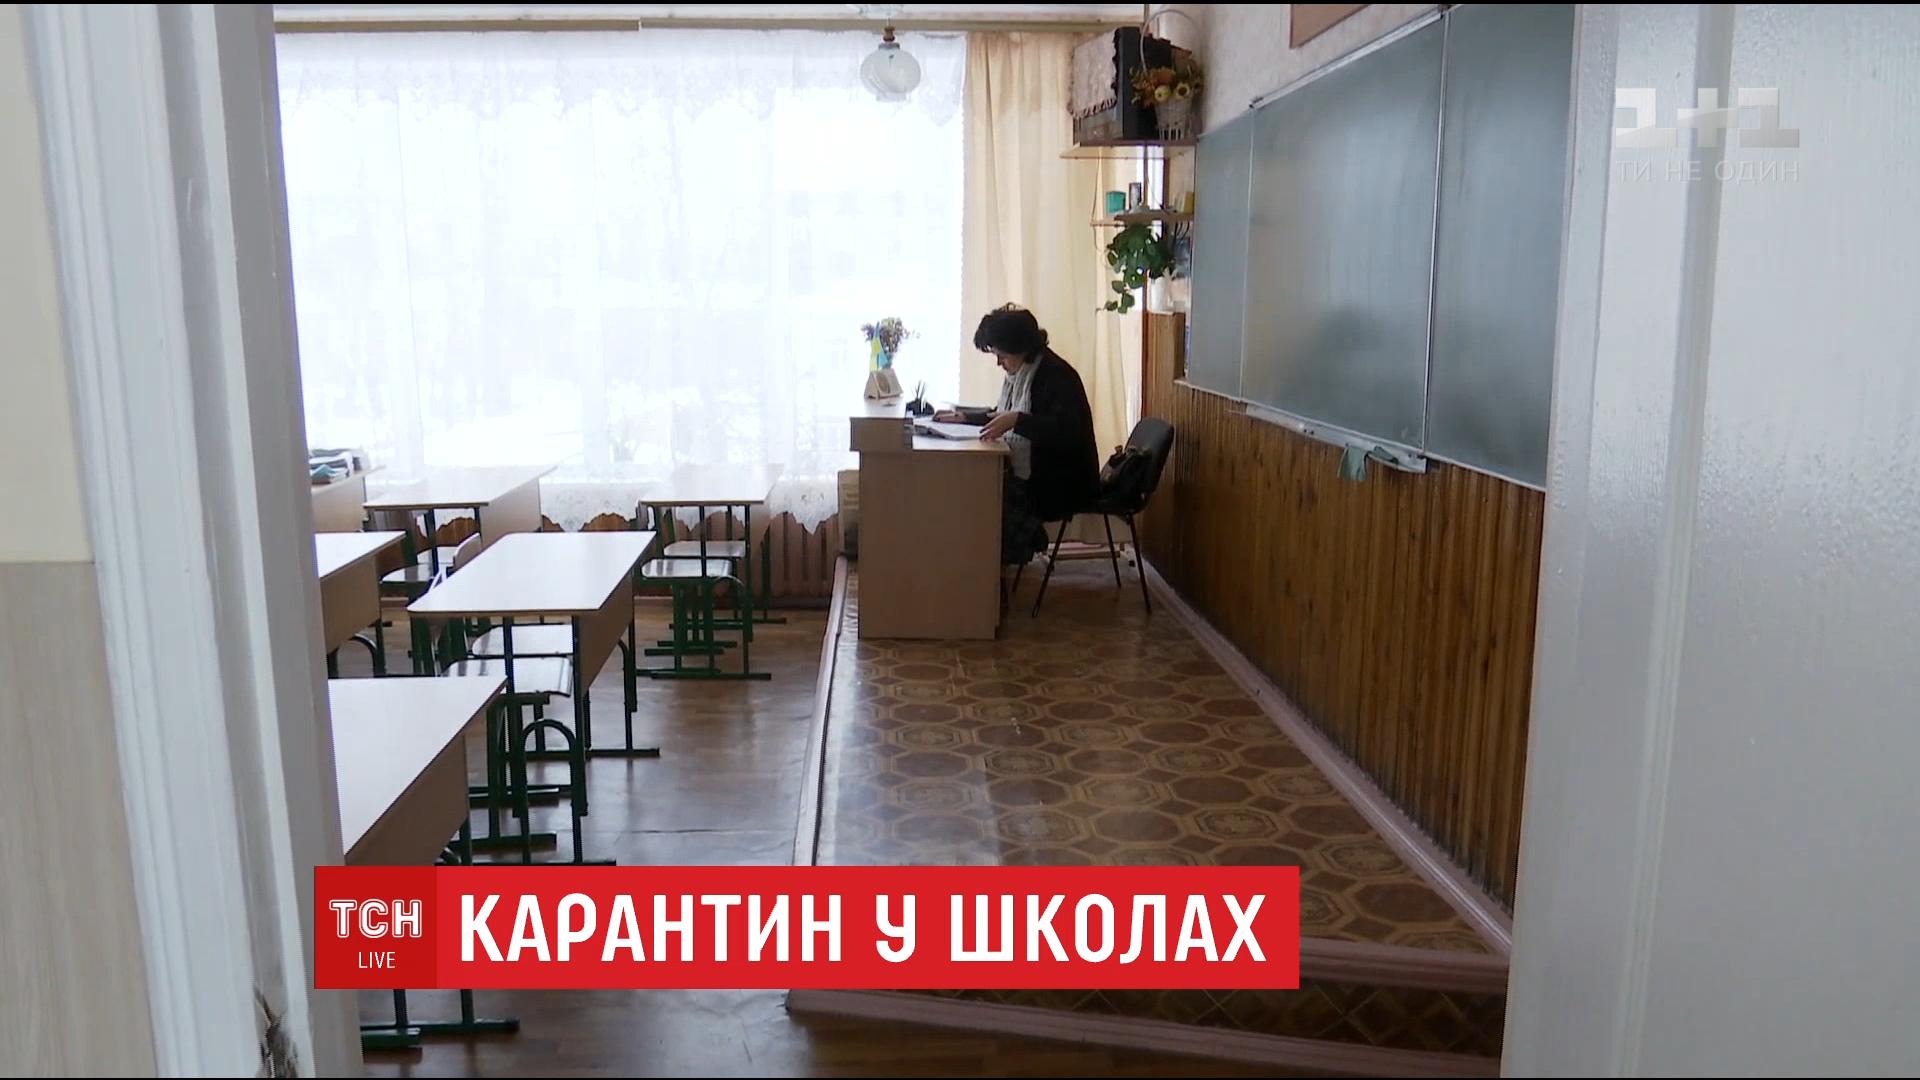 Сразу в нескольких регионах закрыли школы из-за карантина /